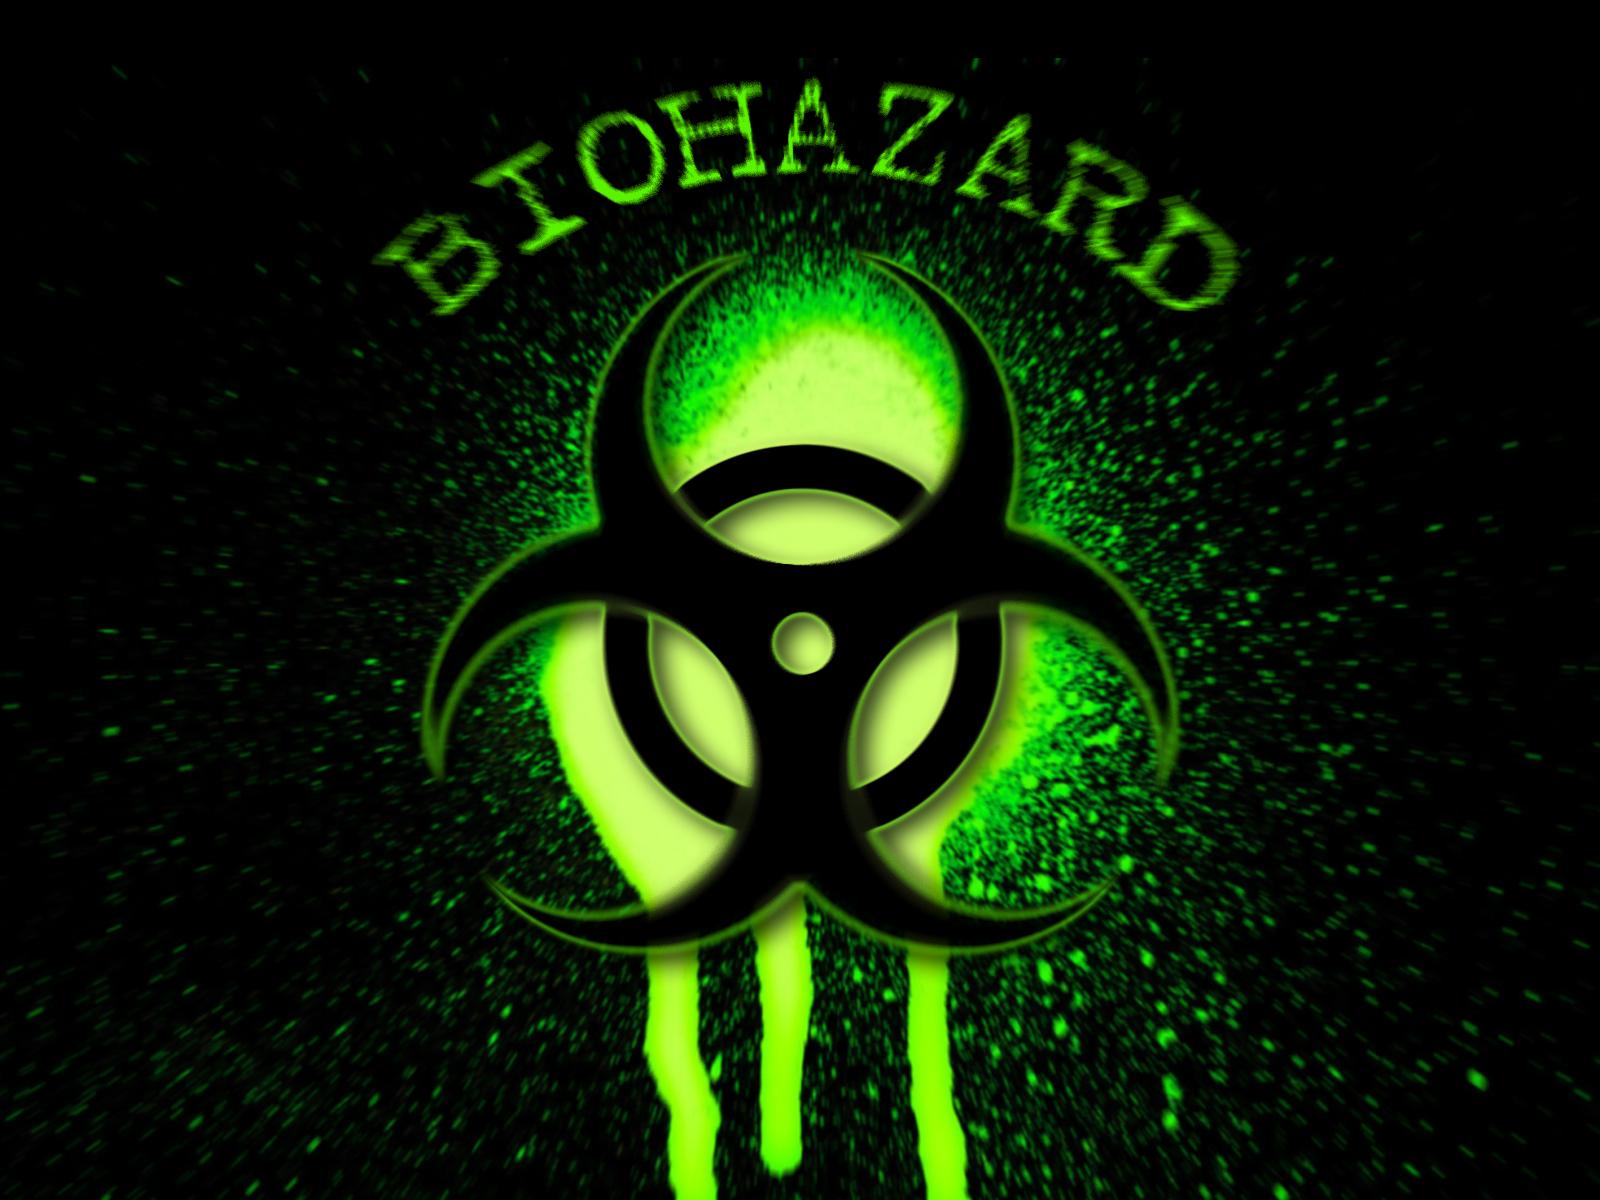 Biohazard Wallpaper HD - WallpaperSafari